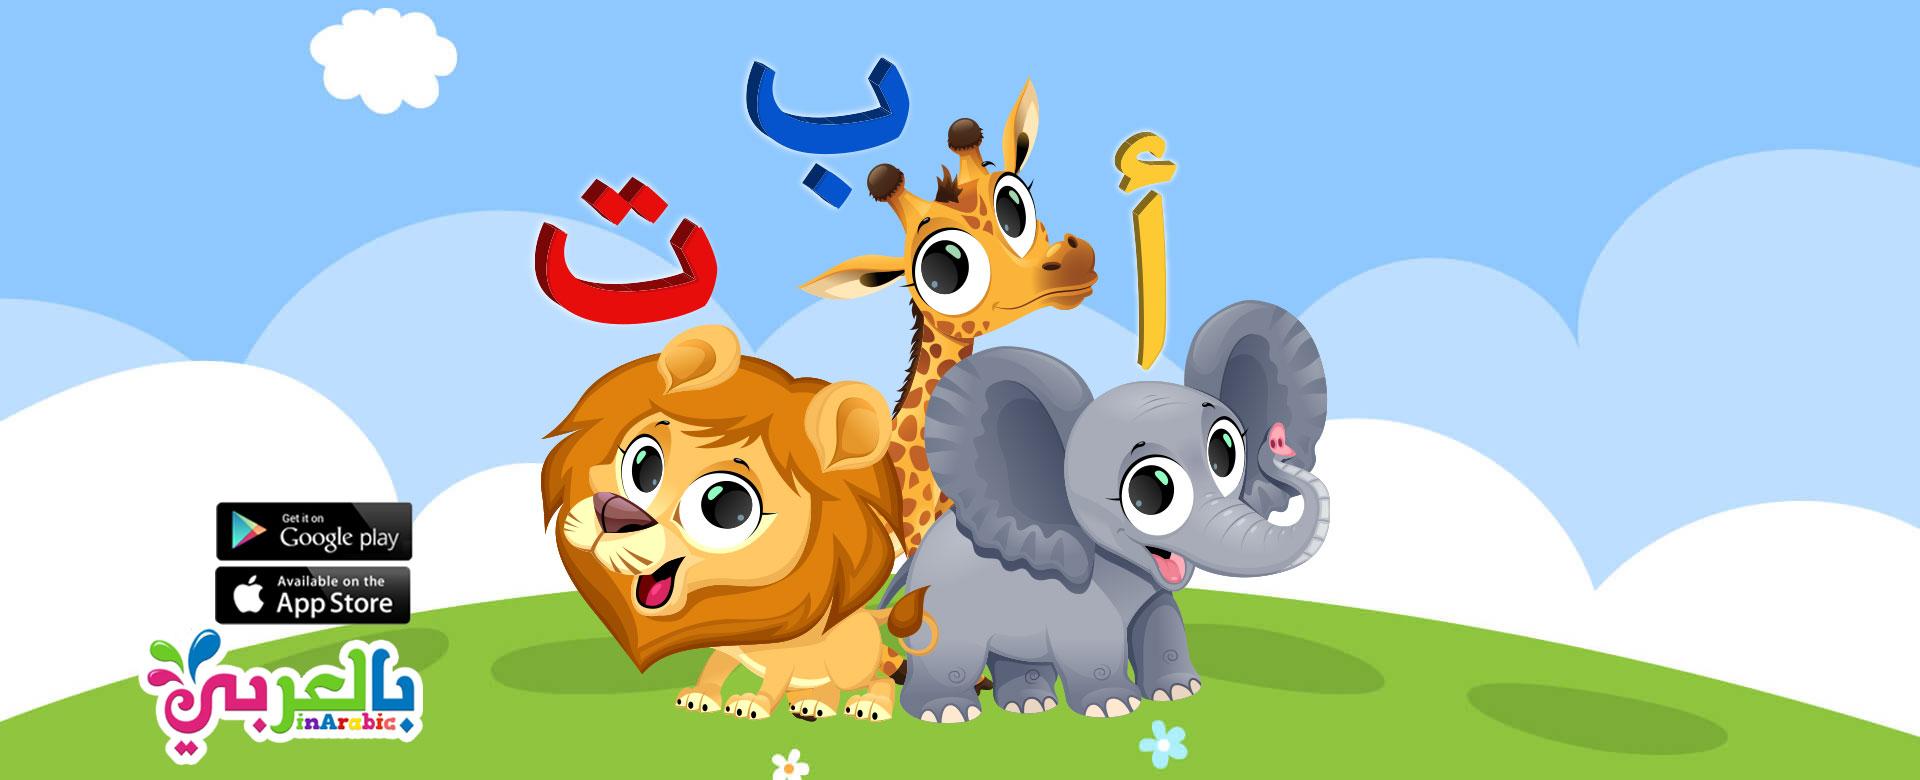 تعليم الاطفال الحروف العربية - تطبيق الحروف بالعربي